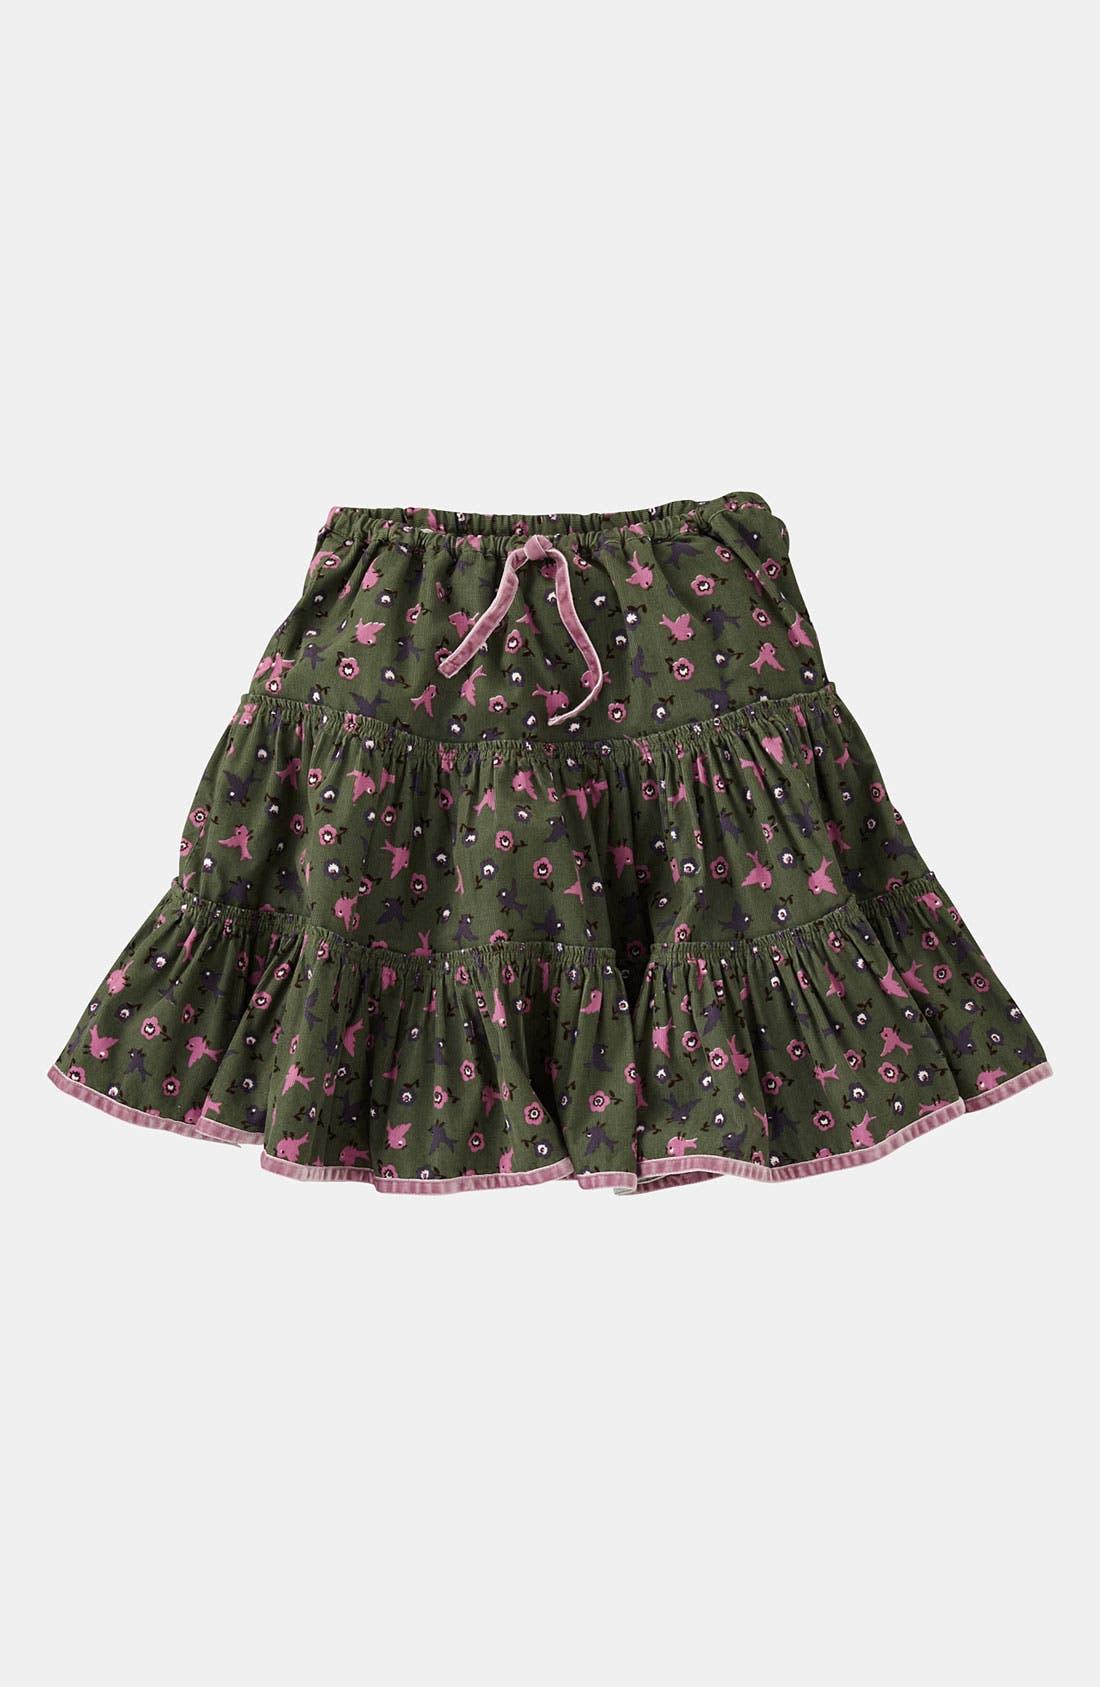 Alternate Image 1 Selected - Mini Boden 'Gypsy' Skirt (Toddler)